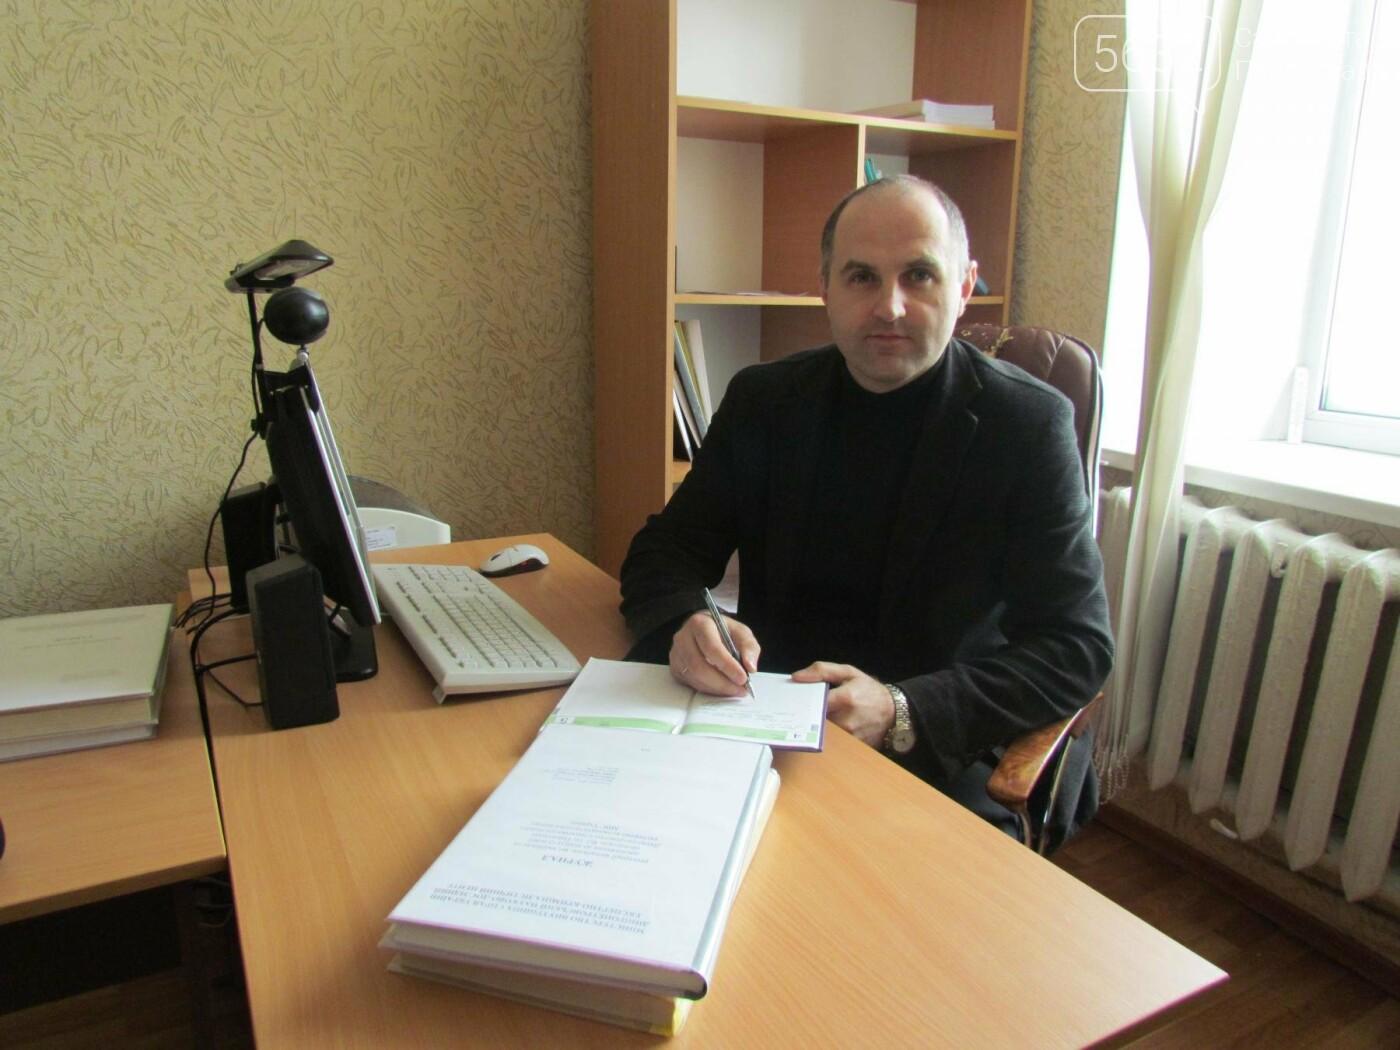 Ежегодно в Павлограде проводится около 1000 судебных экспертиз, фото-1